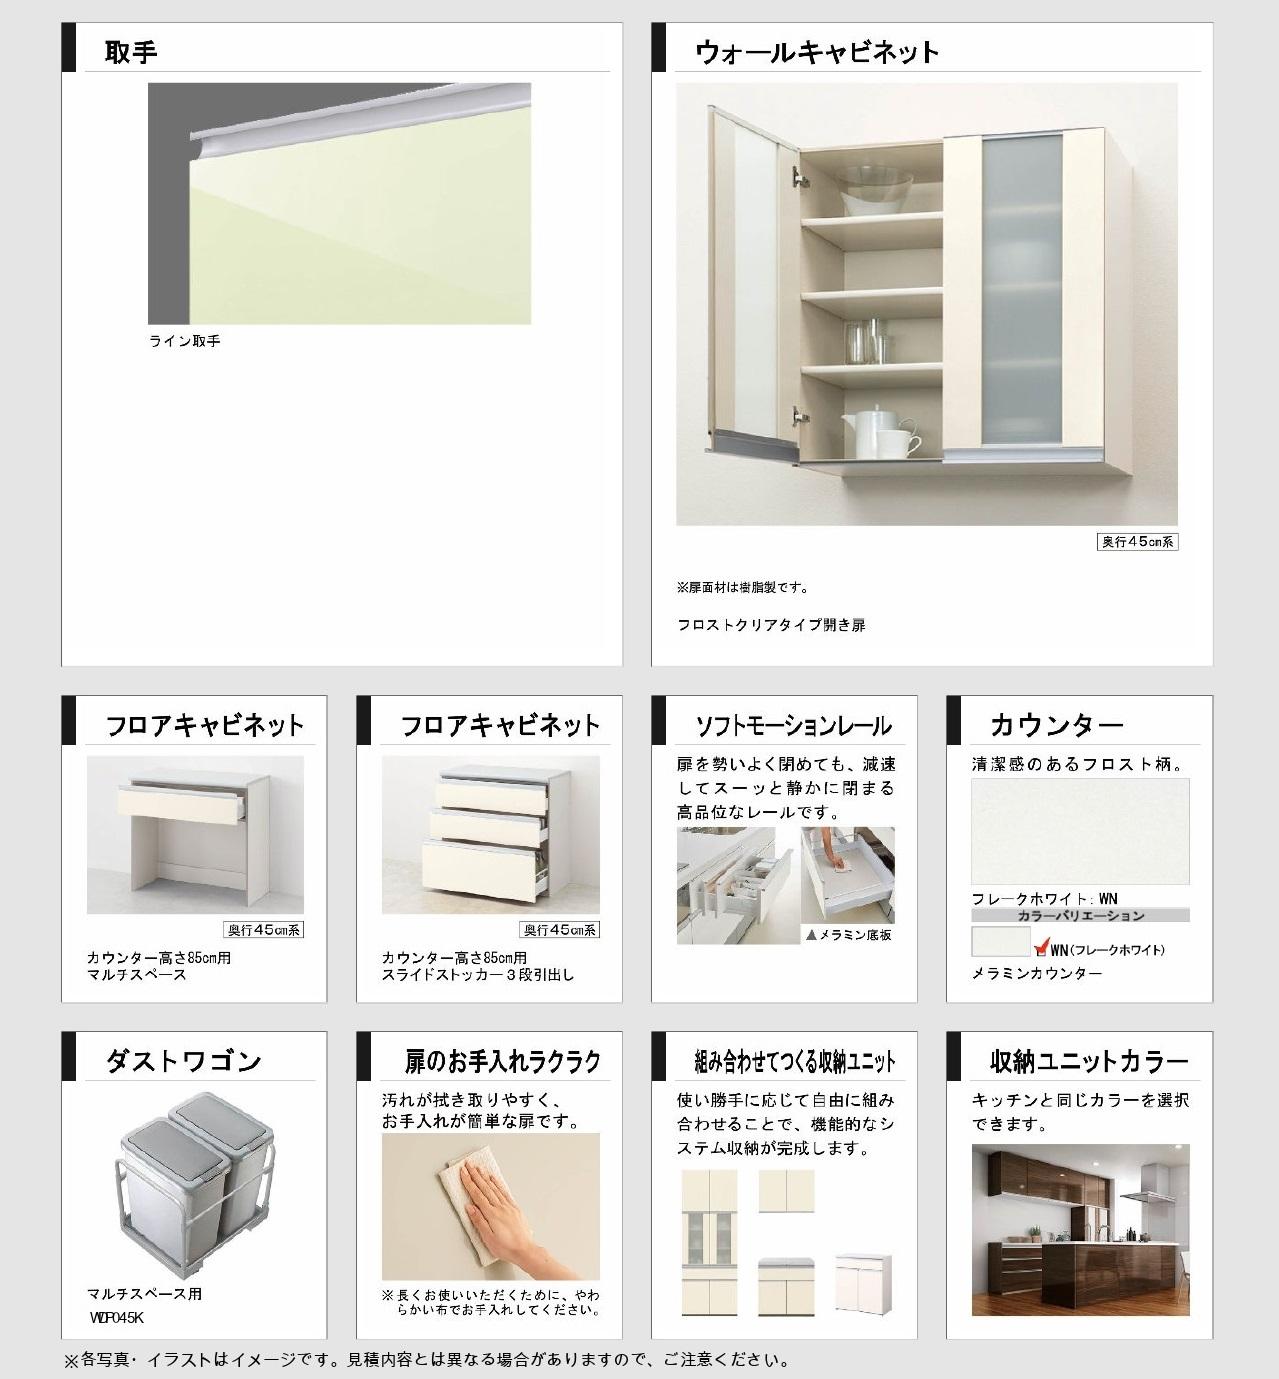 LIXIL2%20sieracupboard1-2.jpg